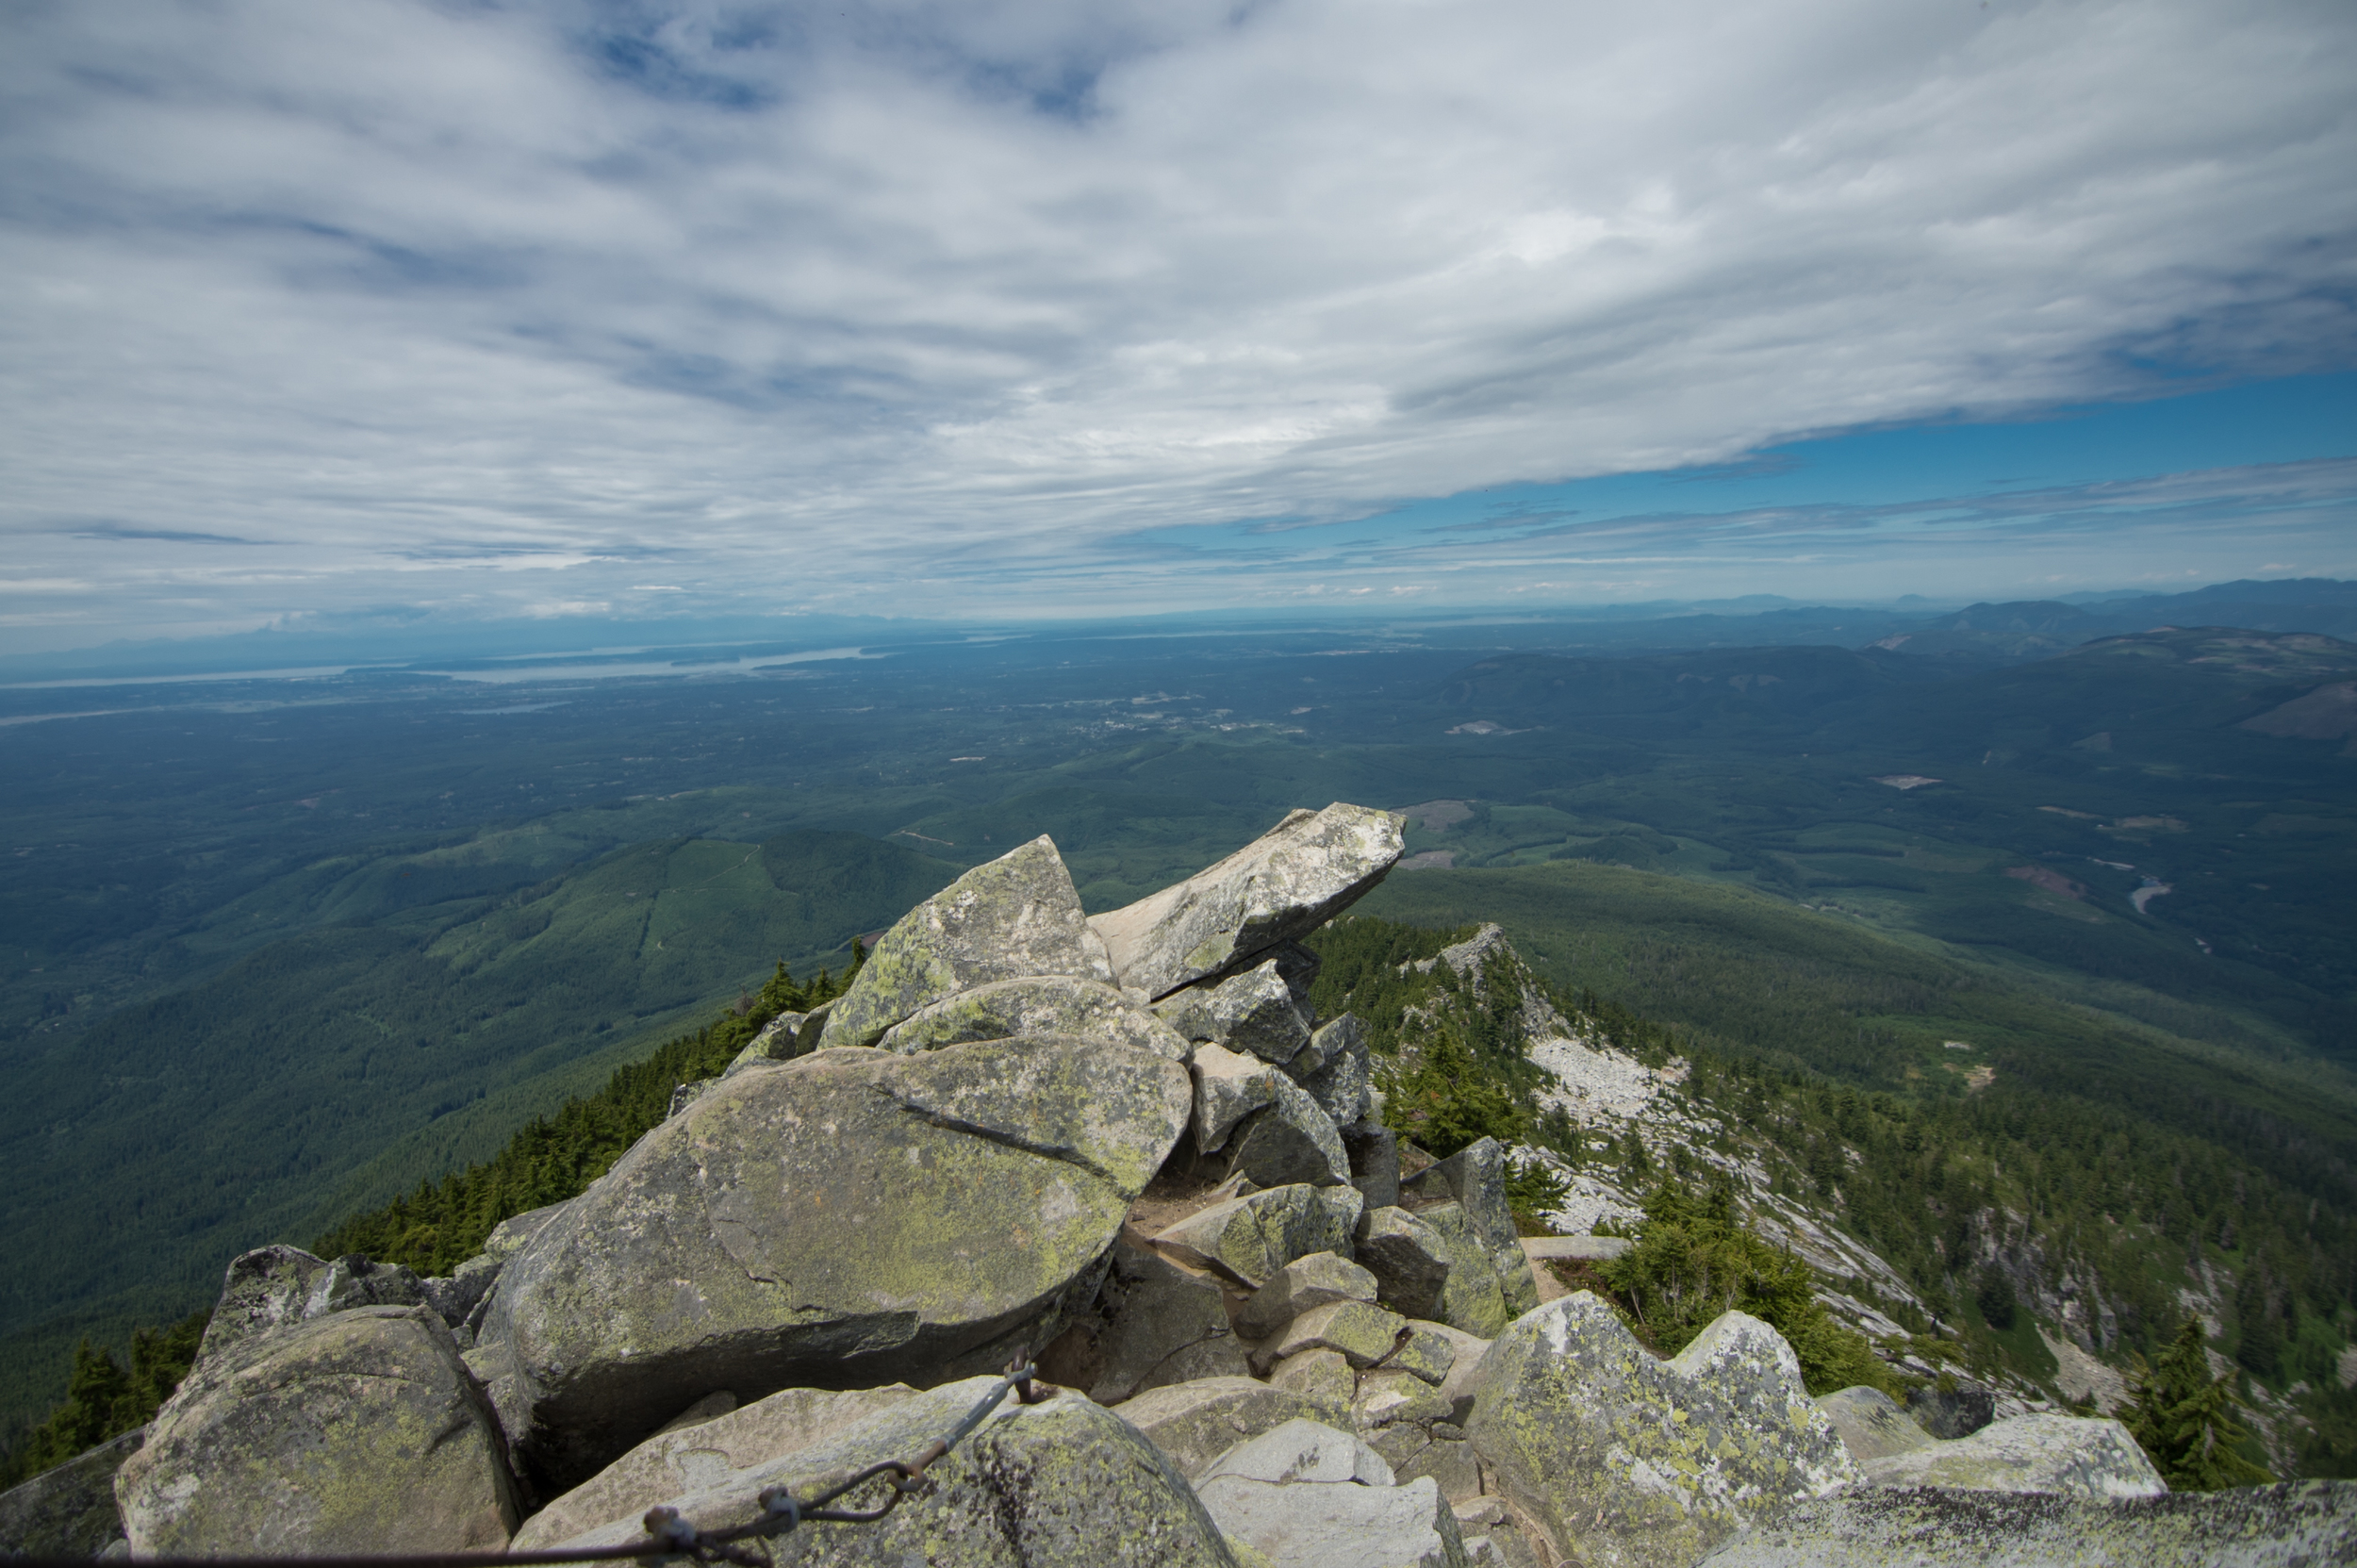 Mount_Pilchuck-35.jpg